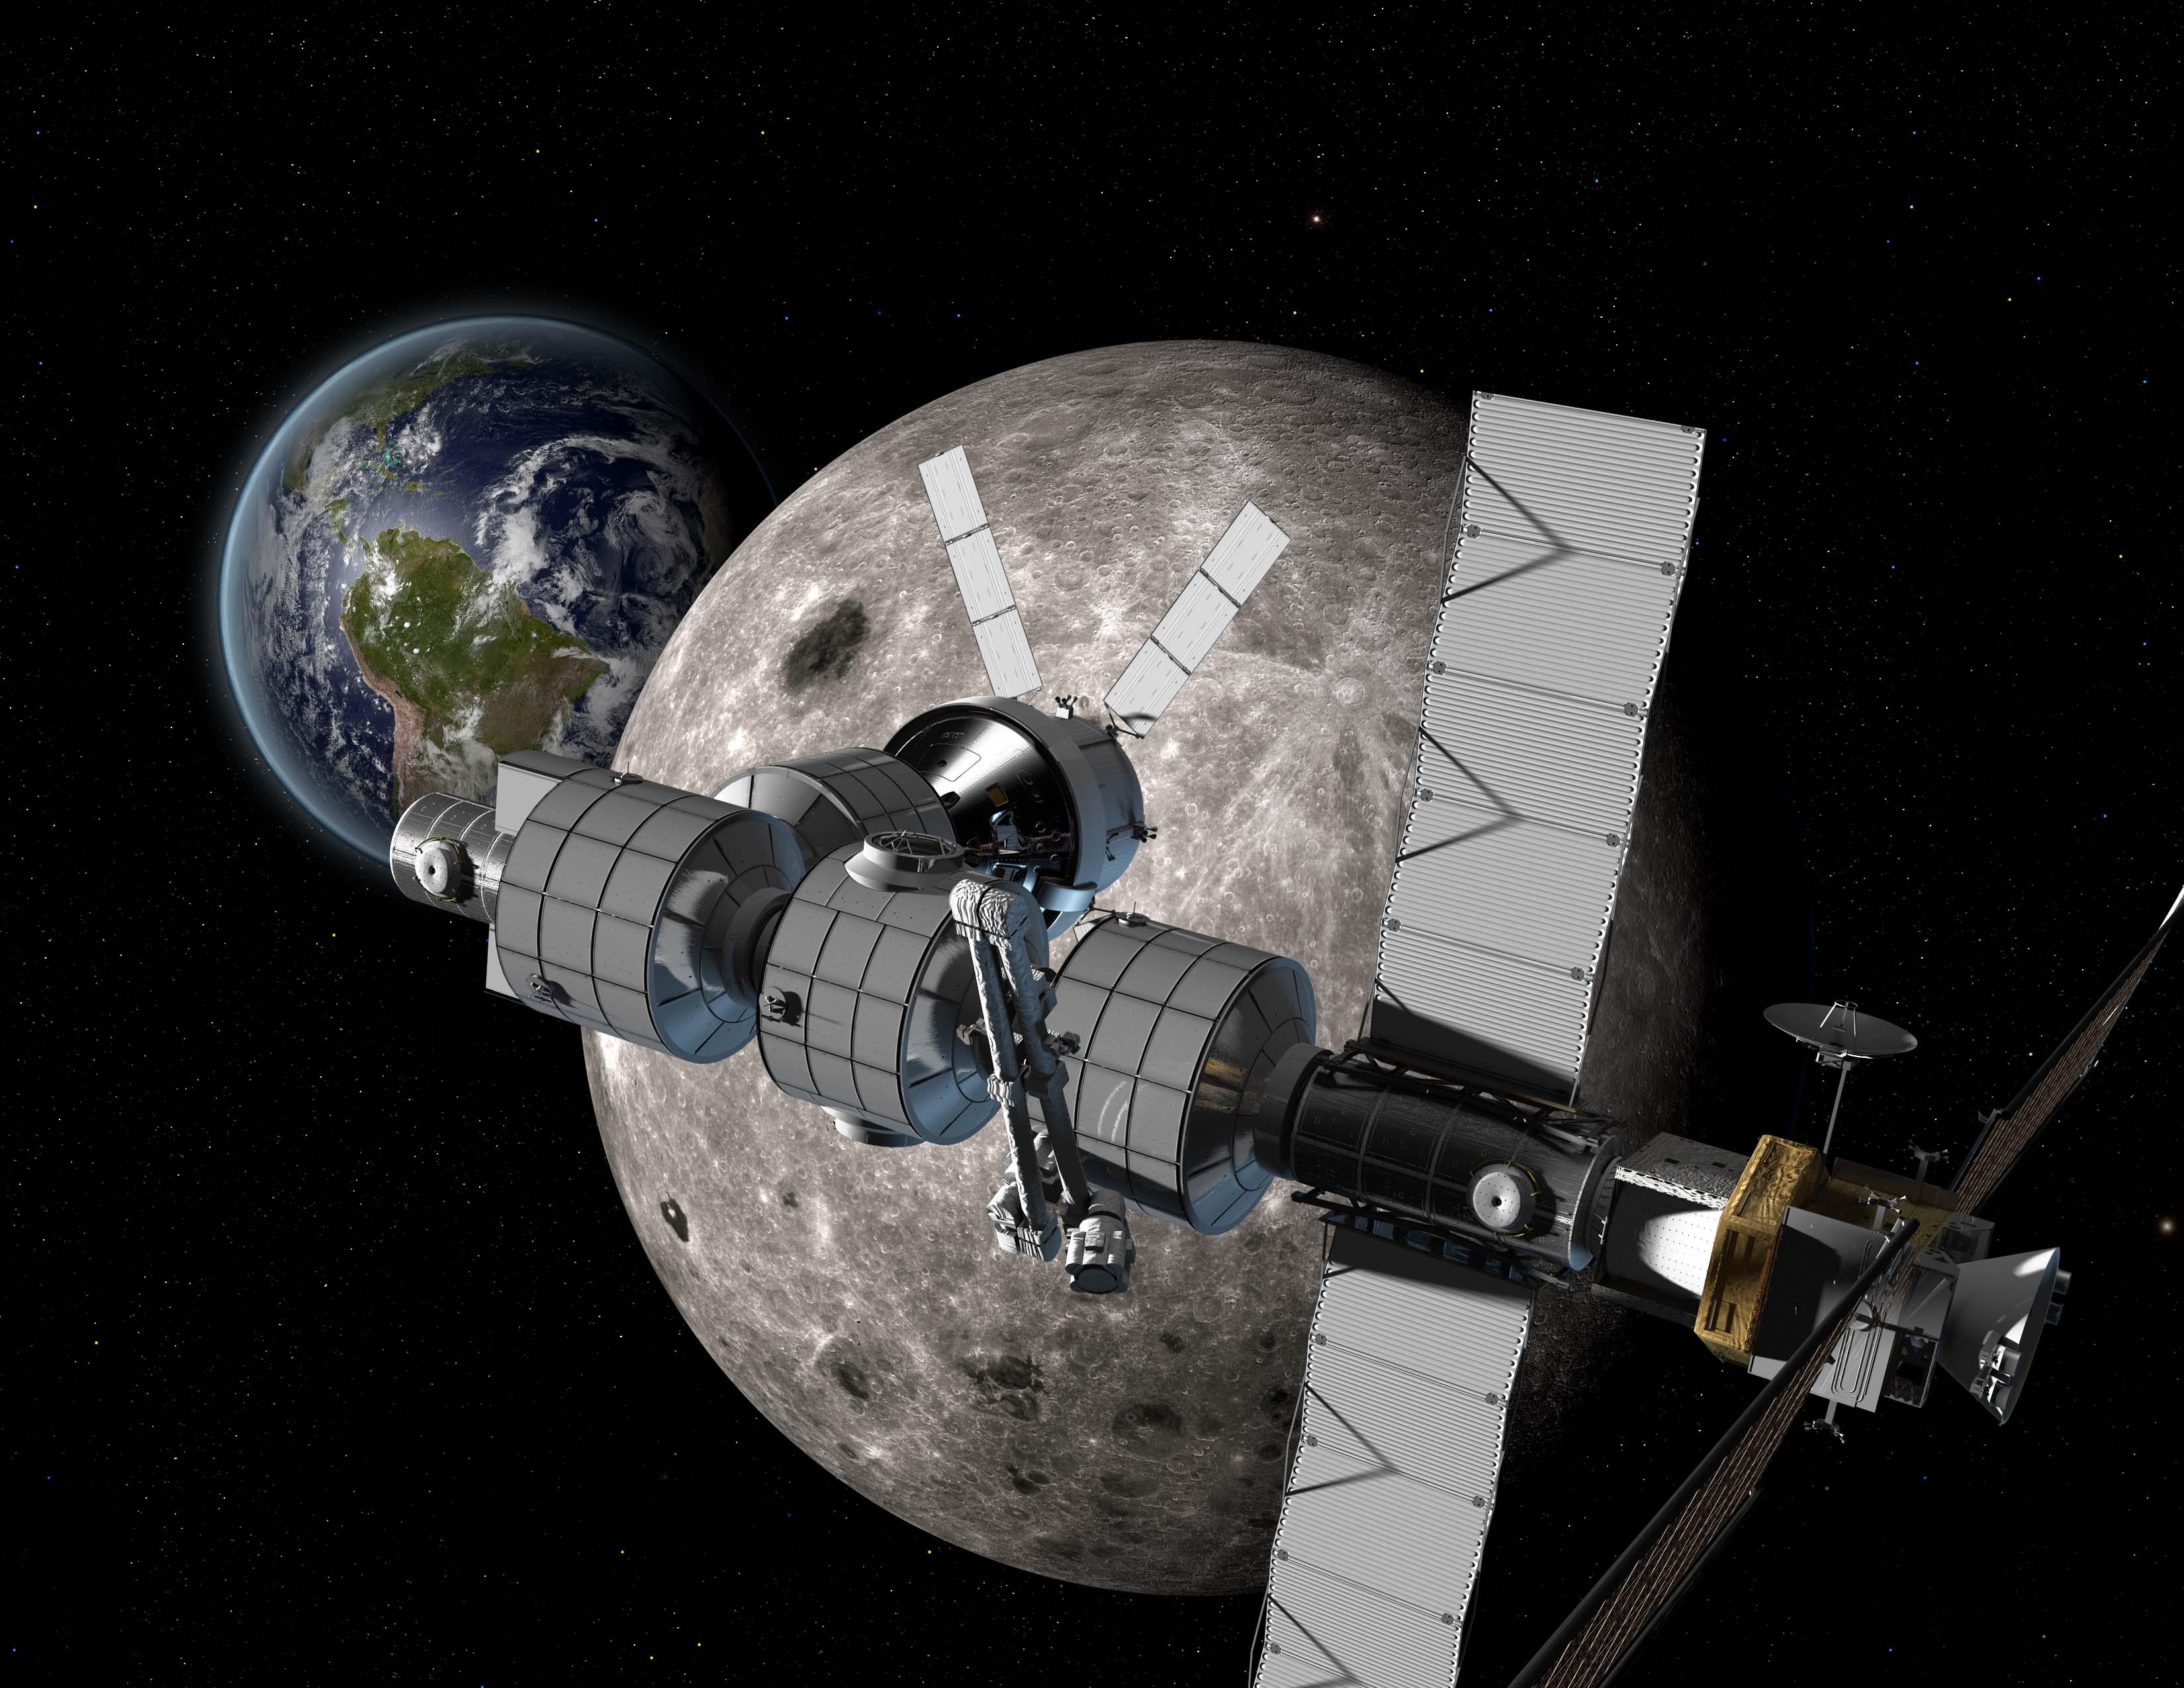 boeing spacecraft human - photo #23